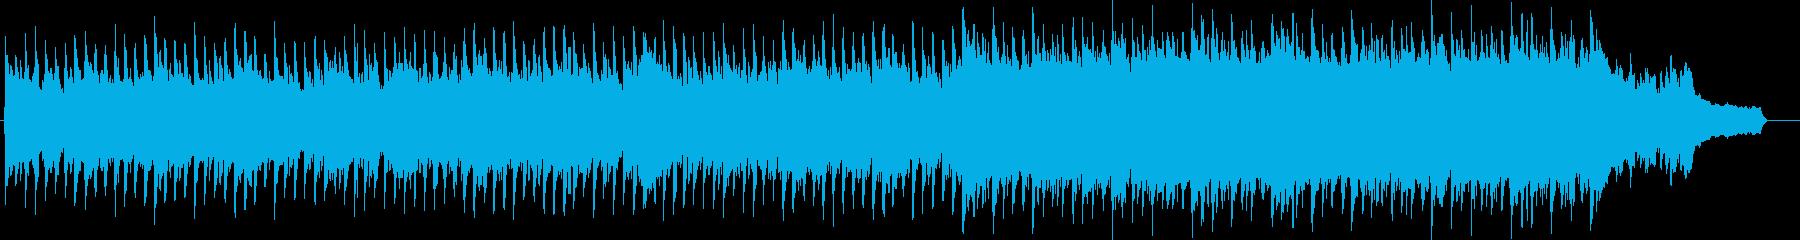 企業VP系64、爽やかピアノ、4つ打ちbの再生済みの波形